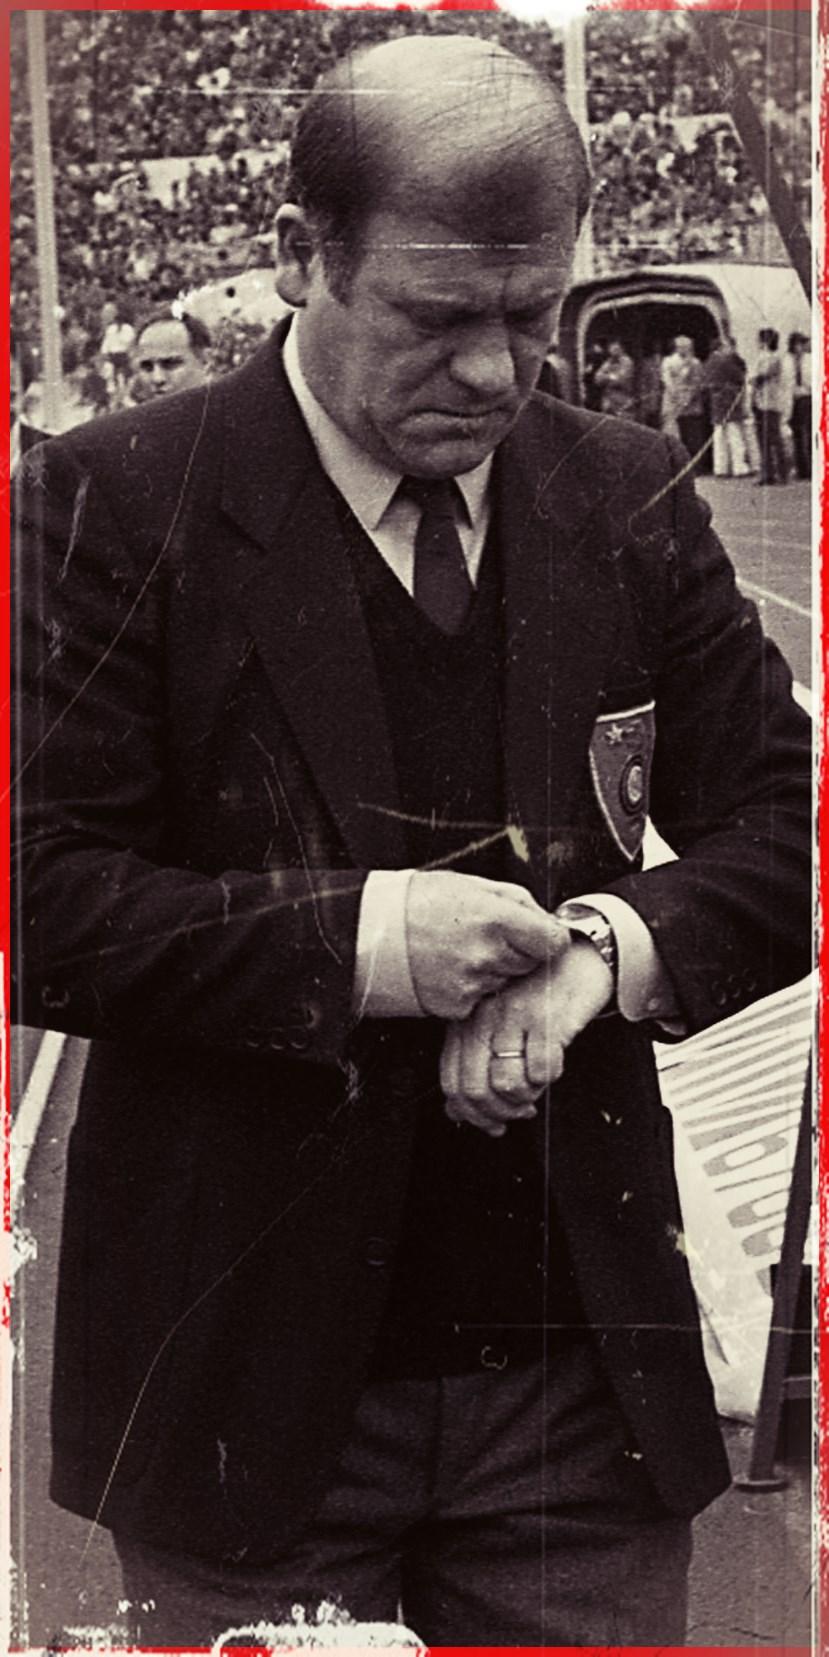 Calcio: morto Bersellini, guidò Inter a scudetto '80